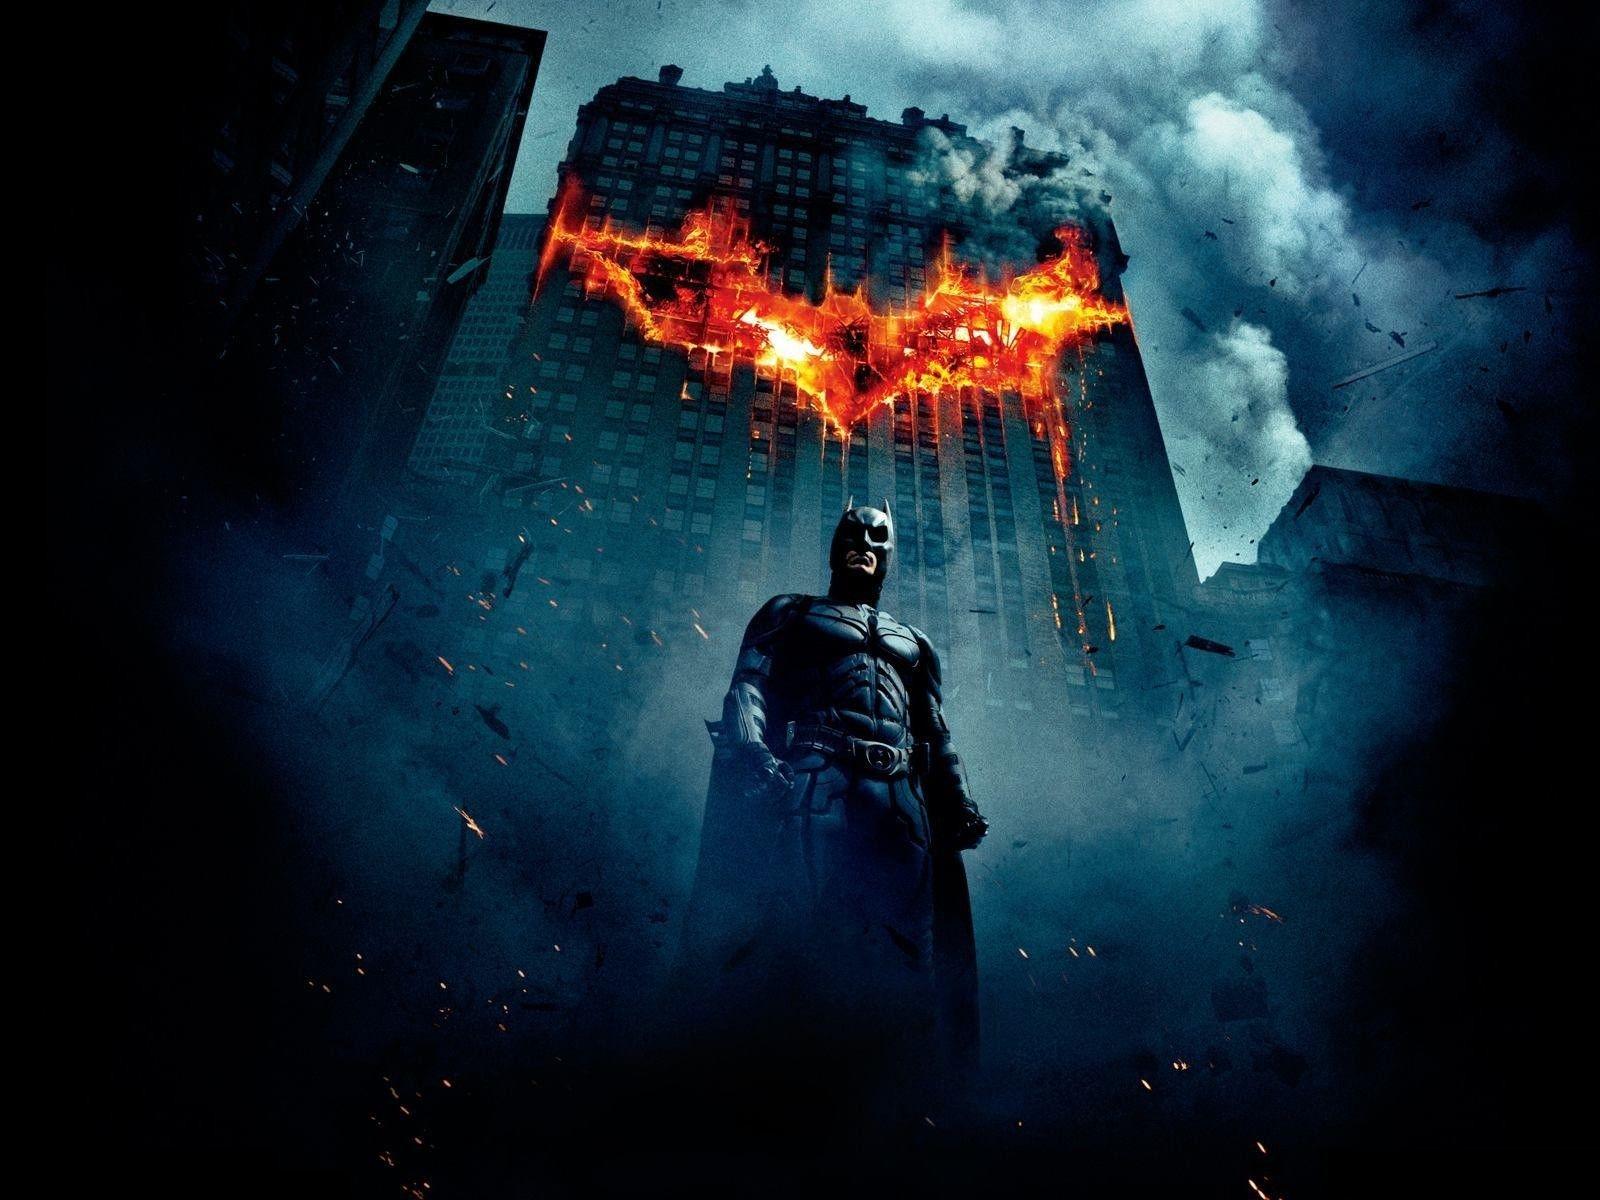 Wallpaper Download 1600x1200 Batman The Dark Knight Poster Movie Wallpapers Hd Wallpaper Download The Dark Knight Poster Dark Knight Wallpaper Dark Knight